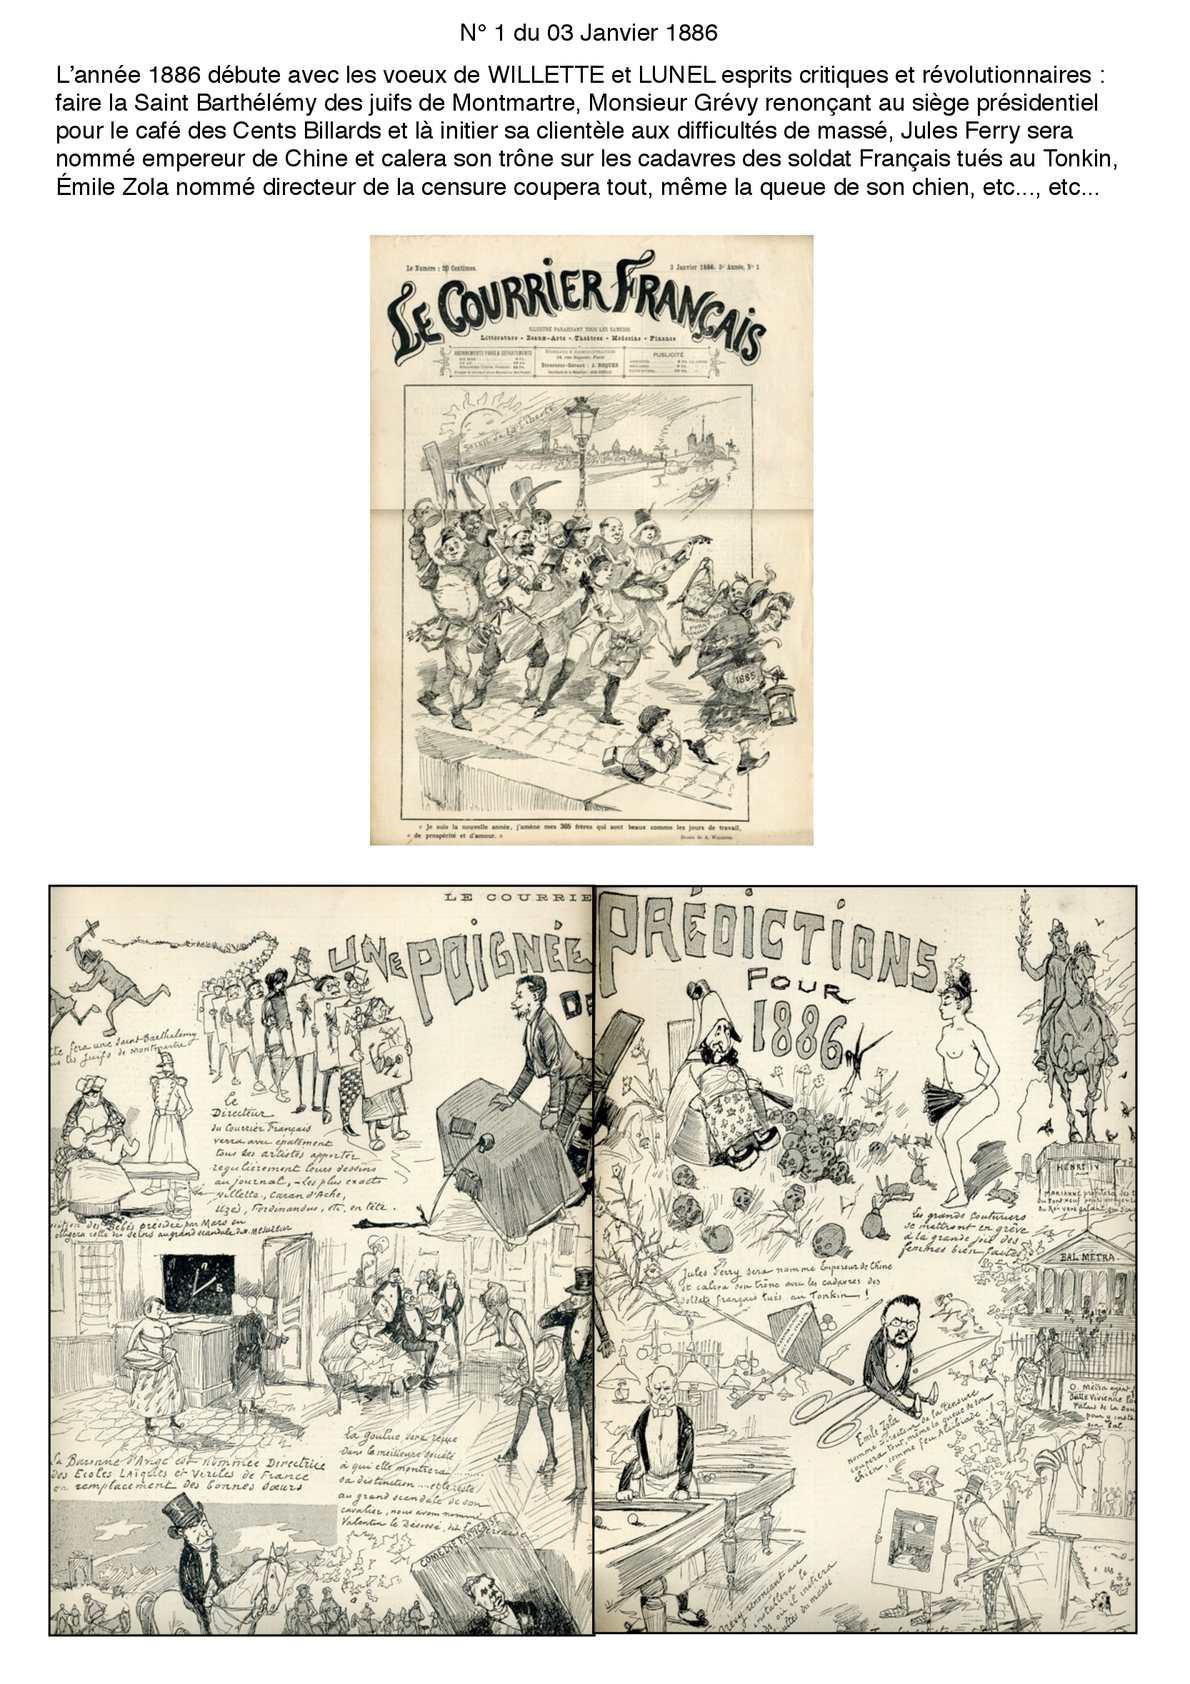 Le Courrier Français 1° semestre 1886